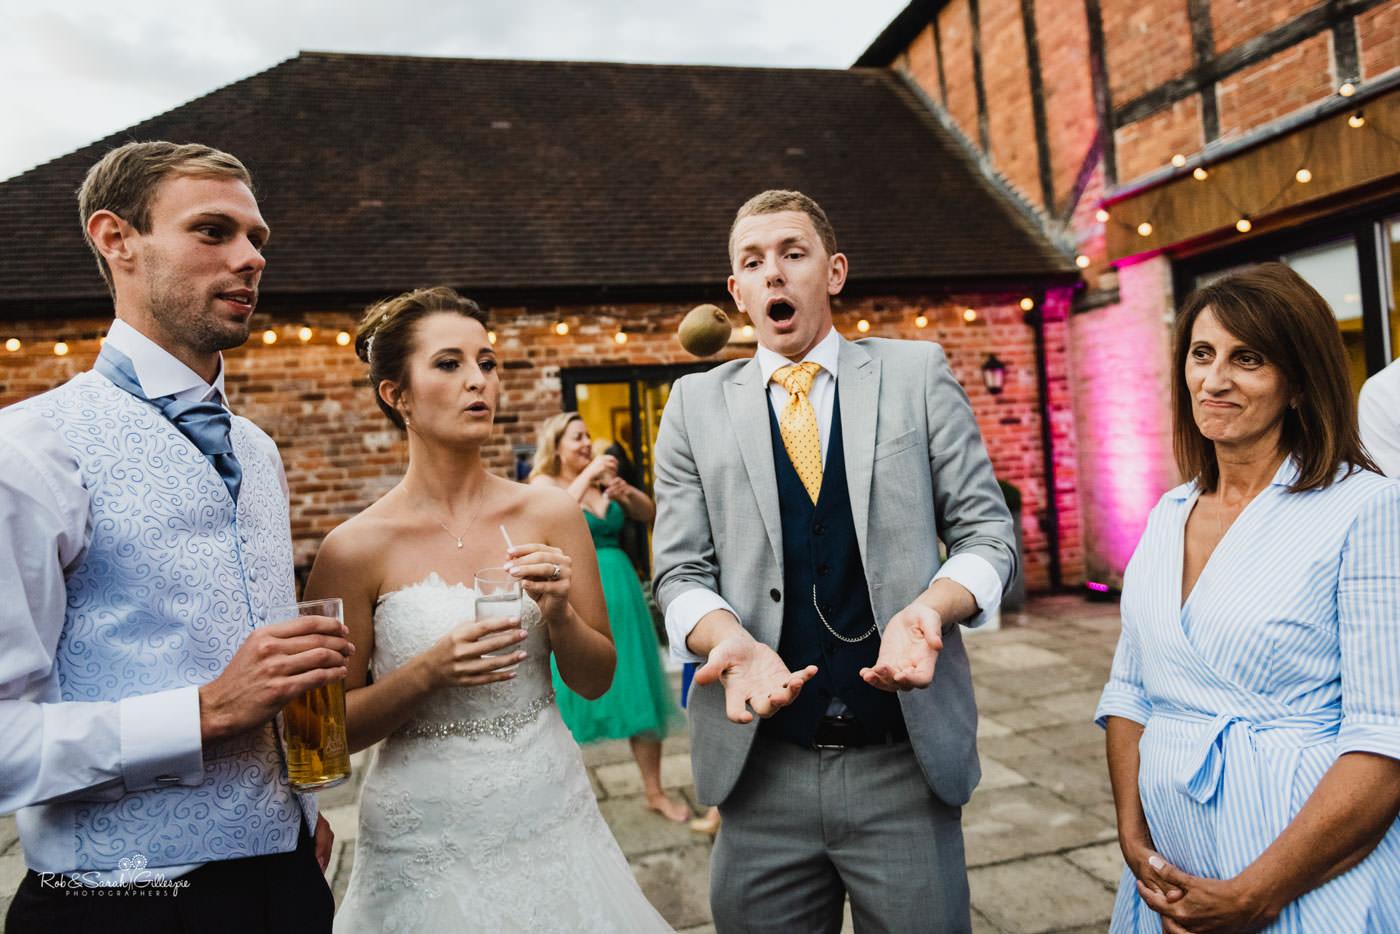 Magician entertains wedding guests at Delbury Hall